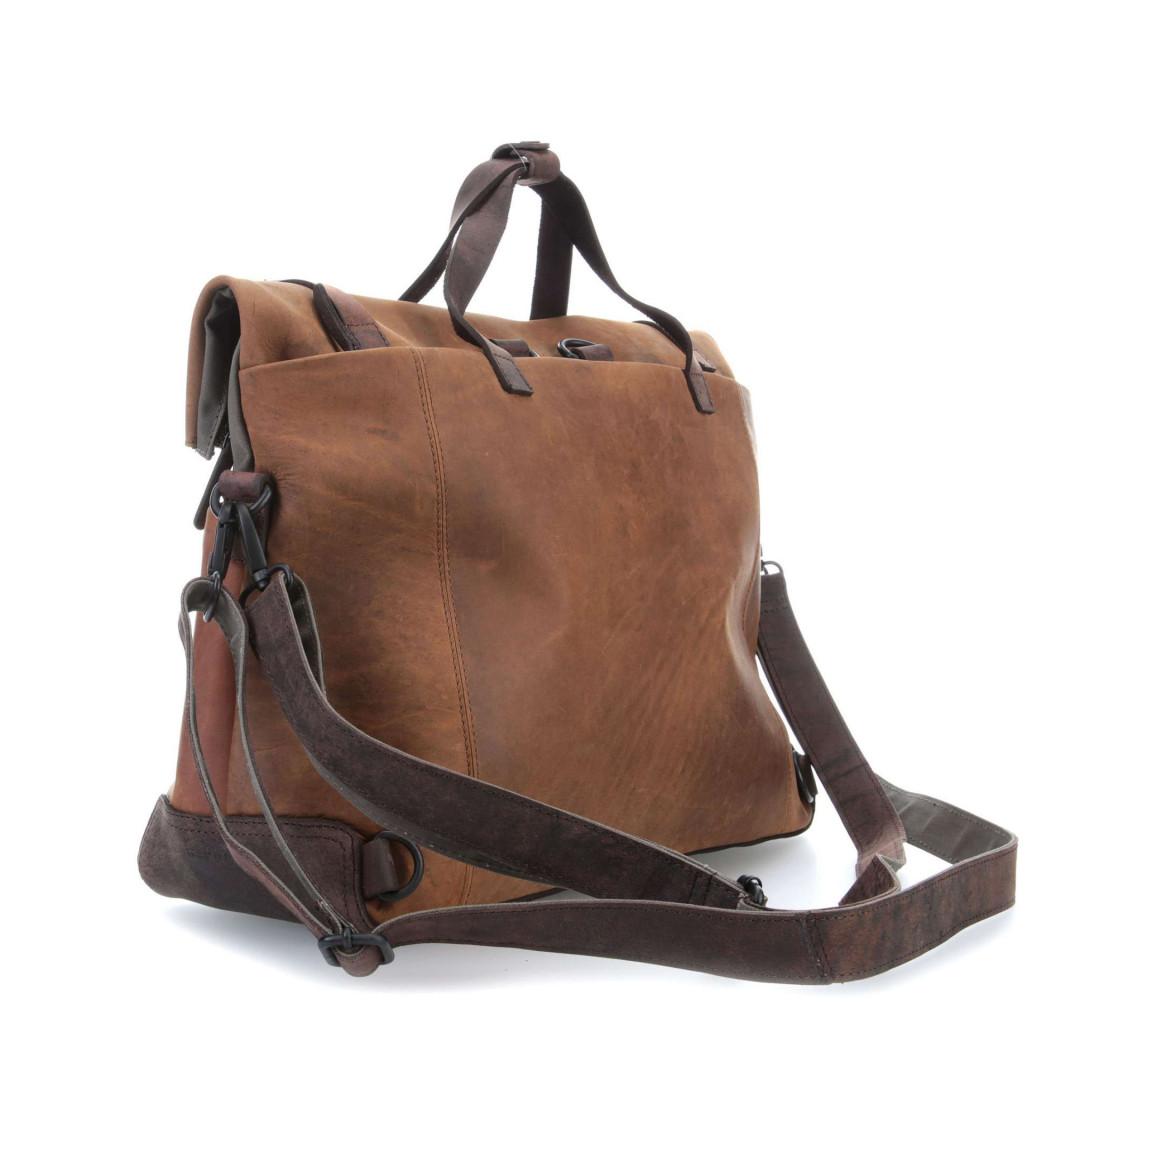 Twister Weekend Bag